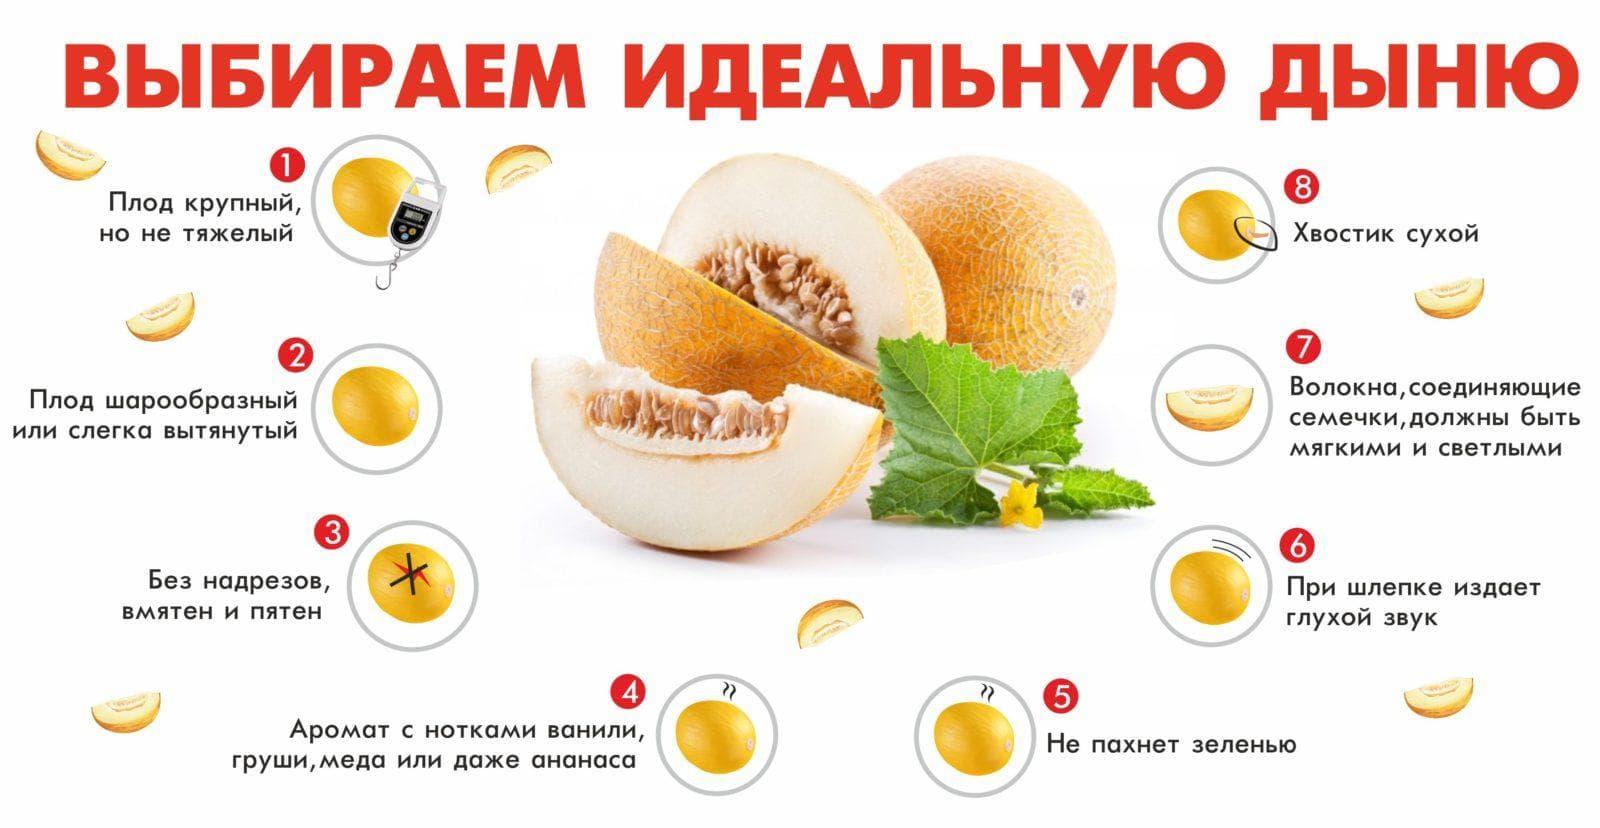 Критерии выбора вкусной дыни